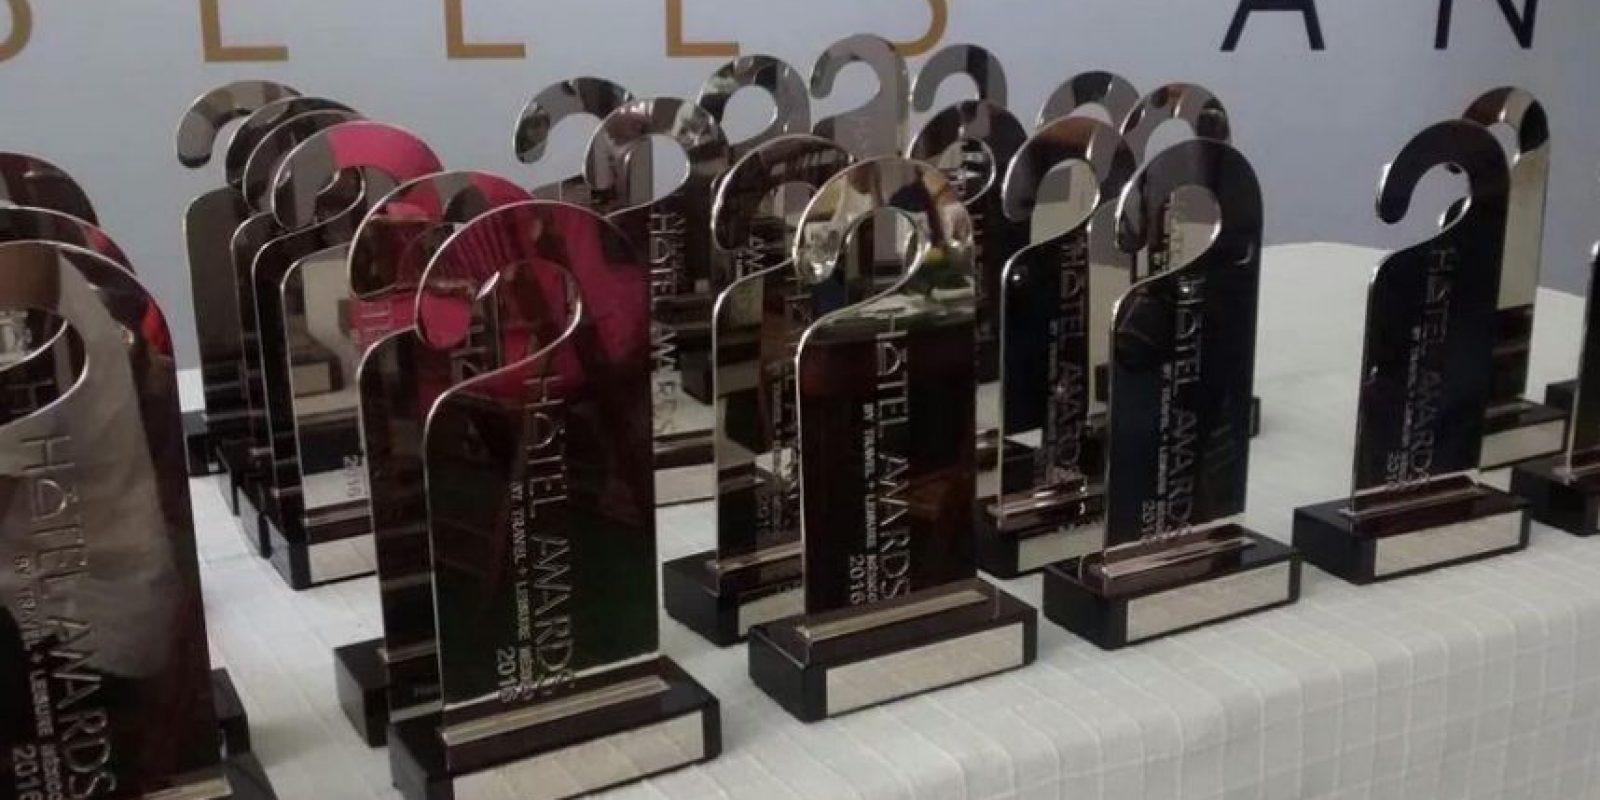 El reconocimiento premia por primera vez los mejores hoteles de México. Foto:Especial. Imagen Por: